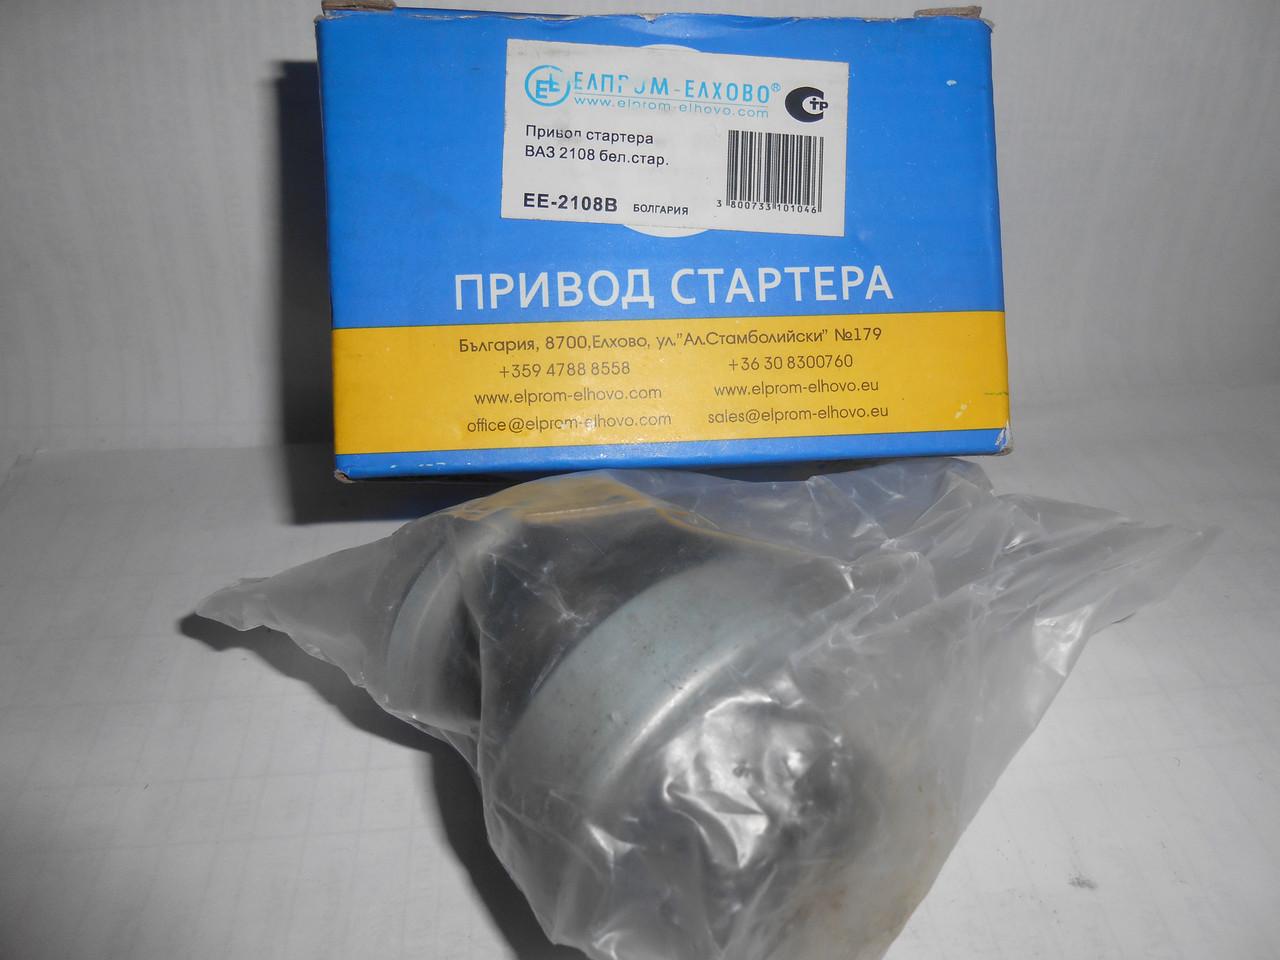 Бендикс EE 2108B стартера 426 3708 с вилкой ВАЗ 2108 Elprom Elhovo